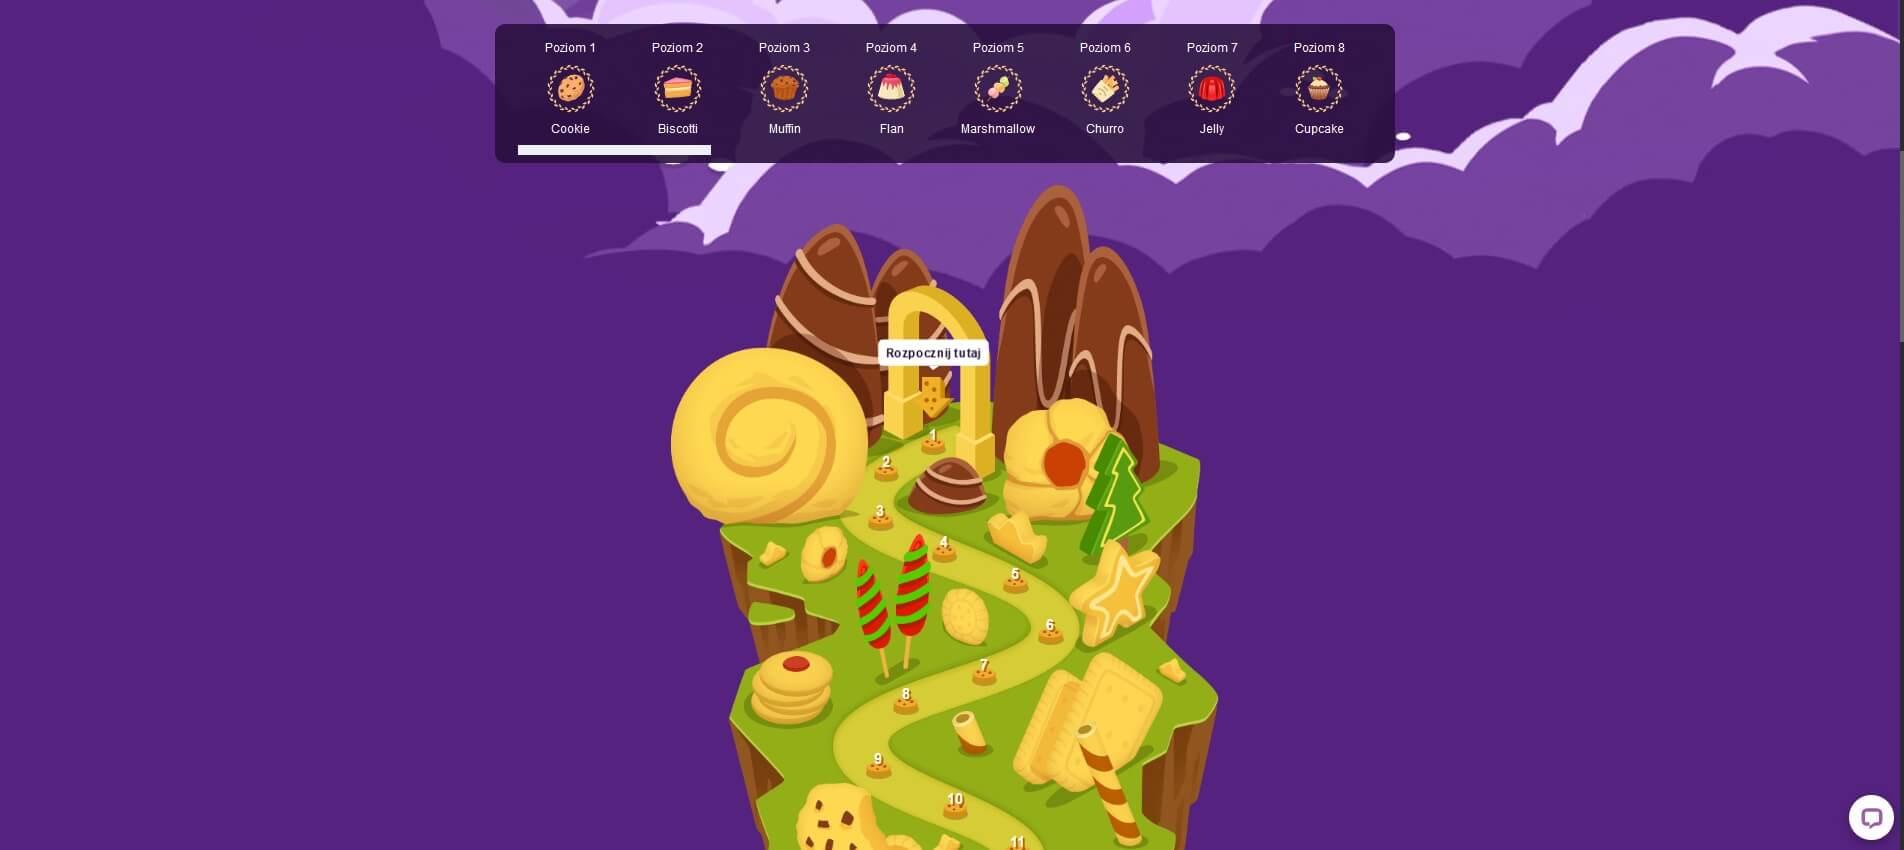 cookie casino program vip screenshot